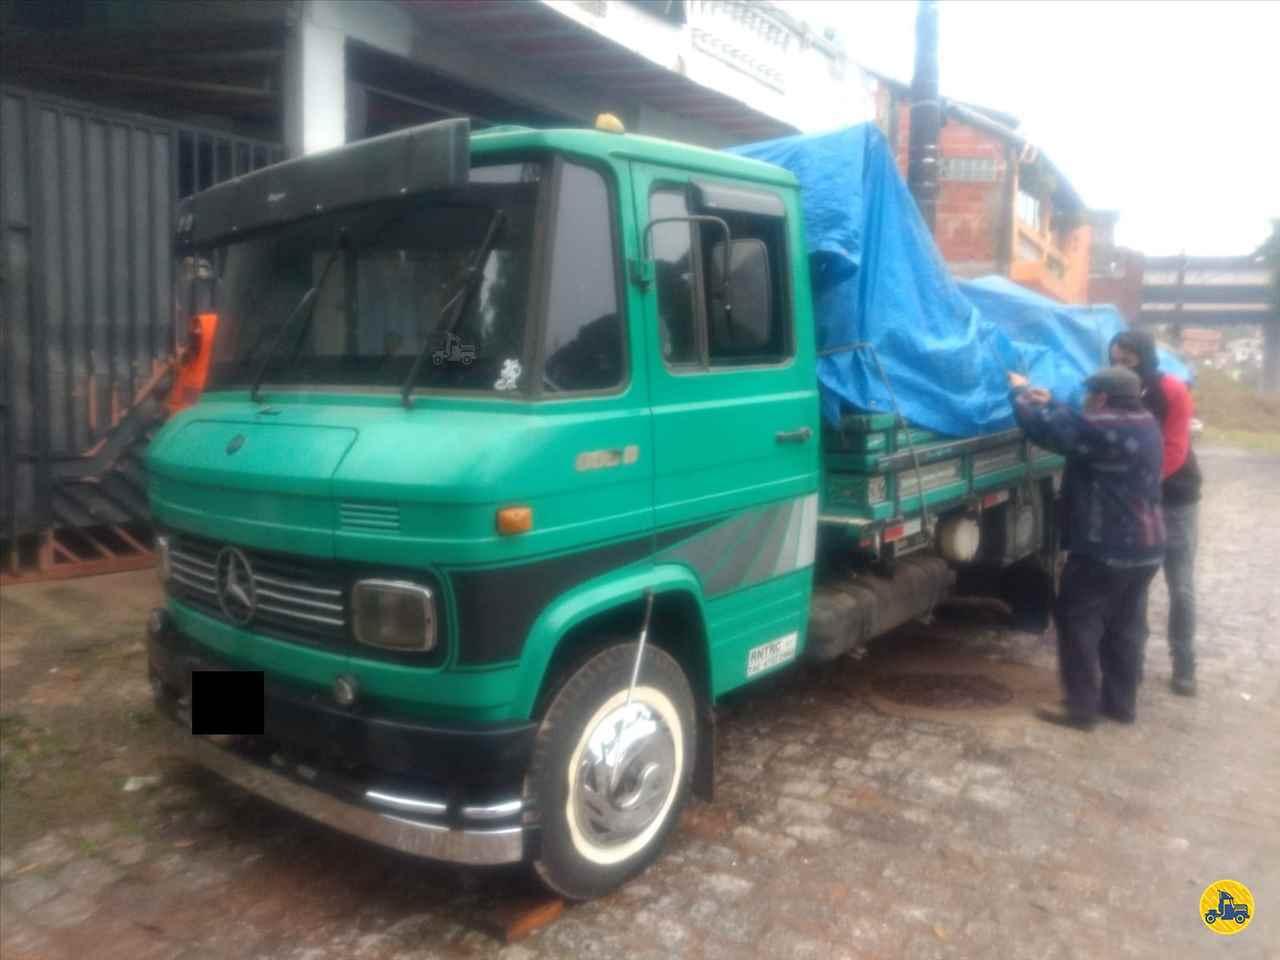 CAMINHAO MERCEDES-BENZ MB 608 Carga Seca 3/4 4x2 Wilson Caminhões RIBEIRAO PIRES SÃO PAULO SP